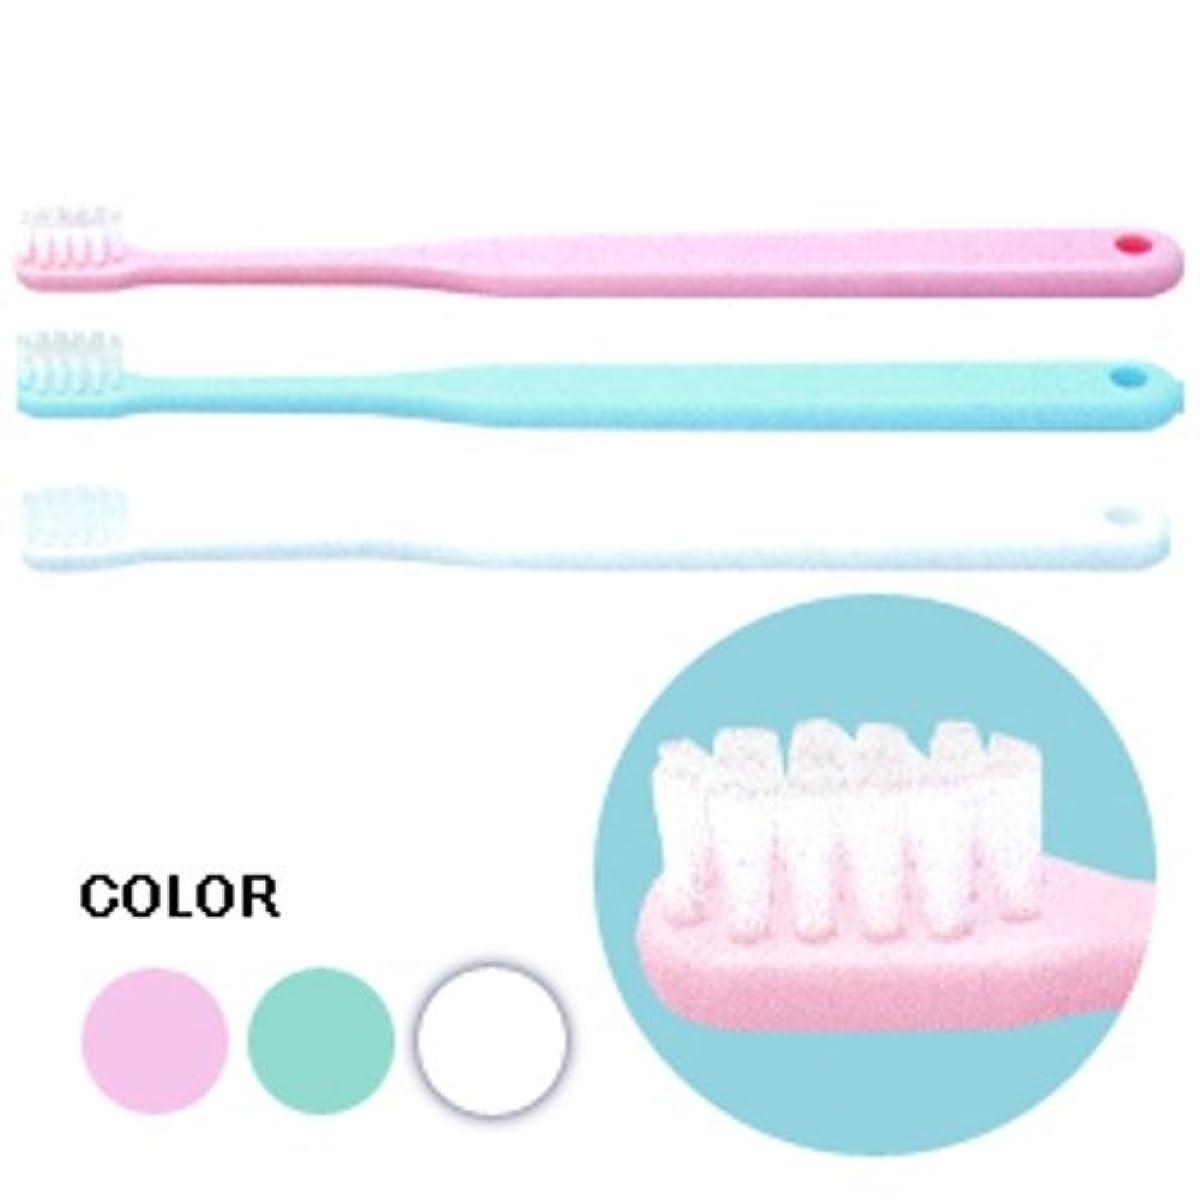 ニンニクグリップ本土Ciメディカル 歯ブラシ Ci602 仕上げ磨き用 × 3本 アソート